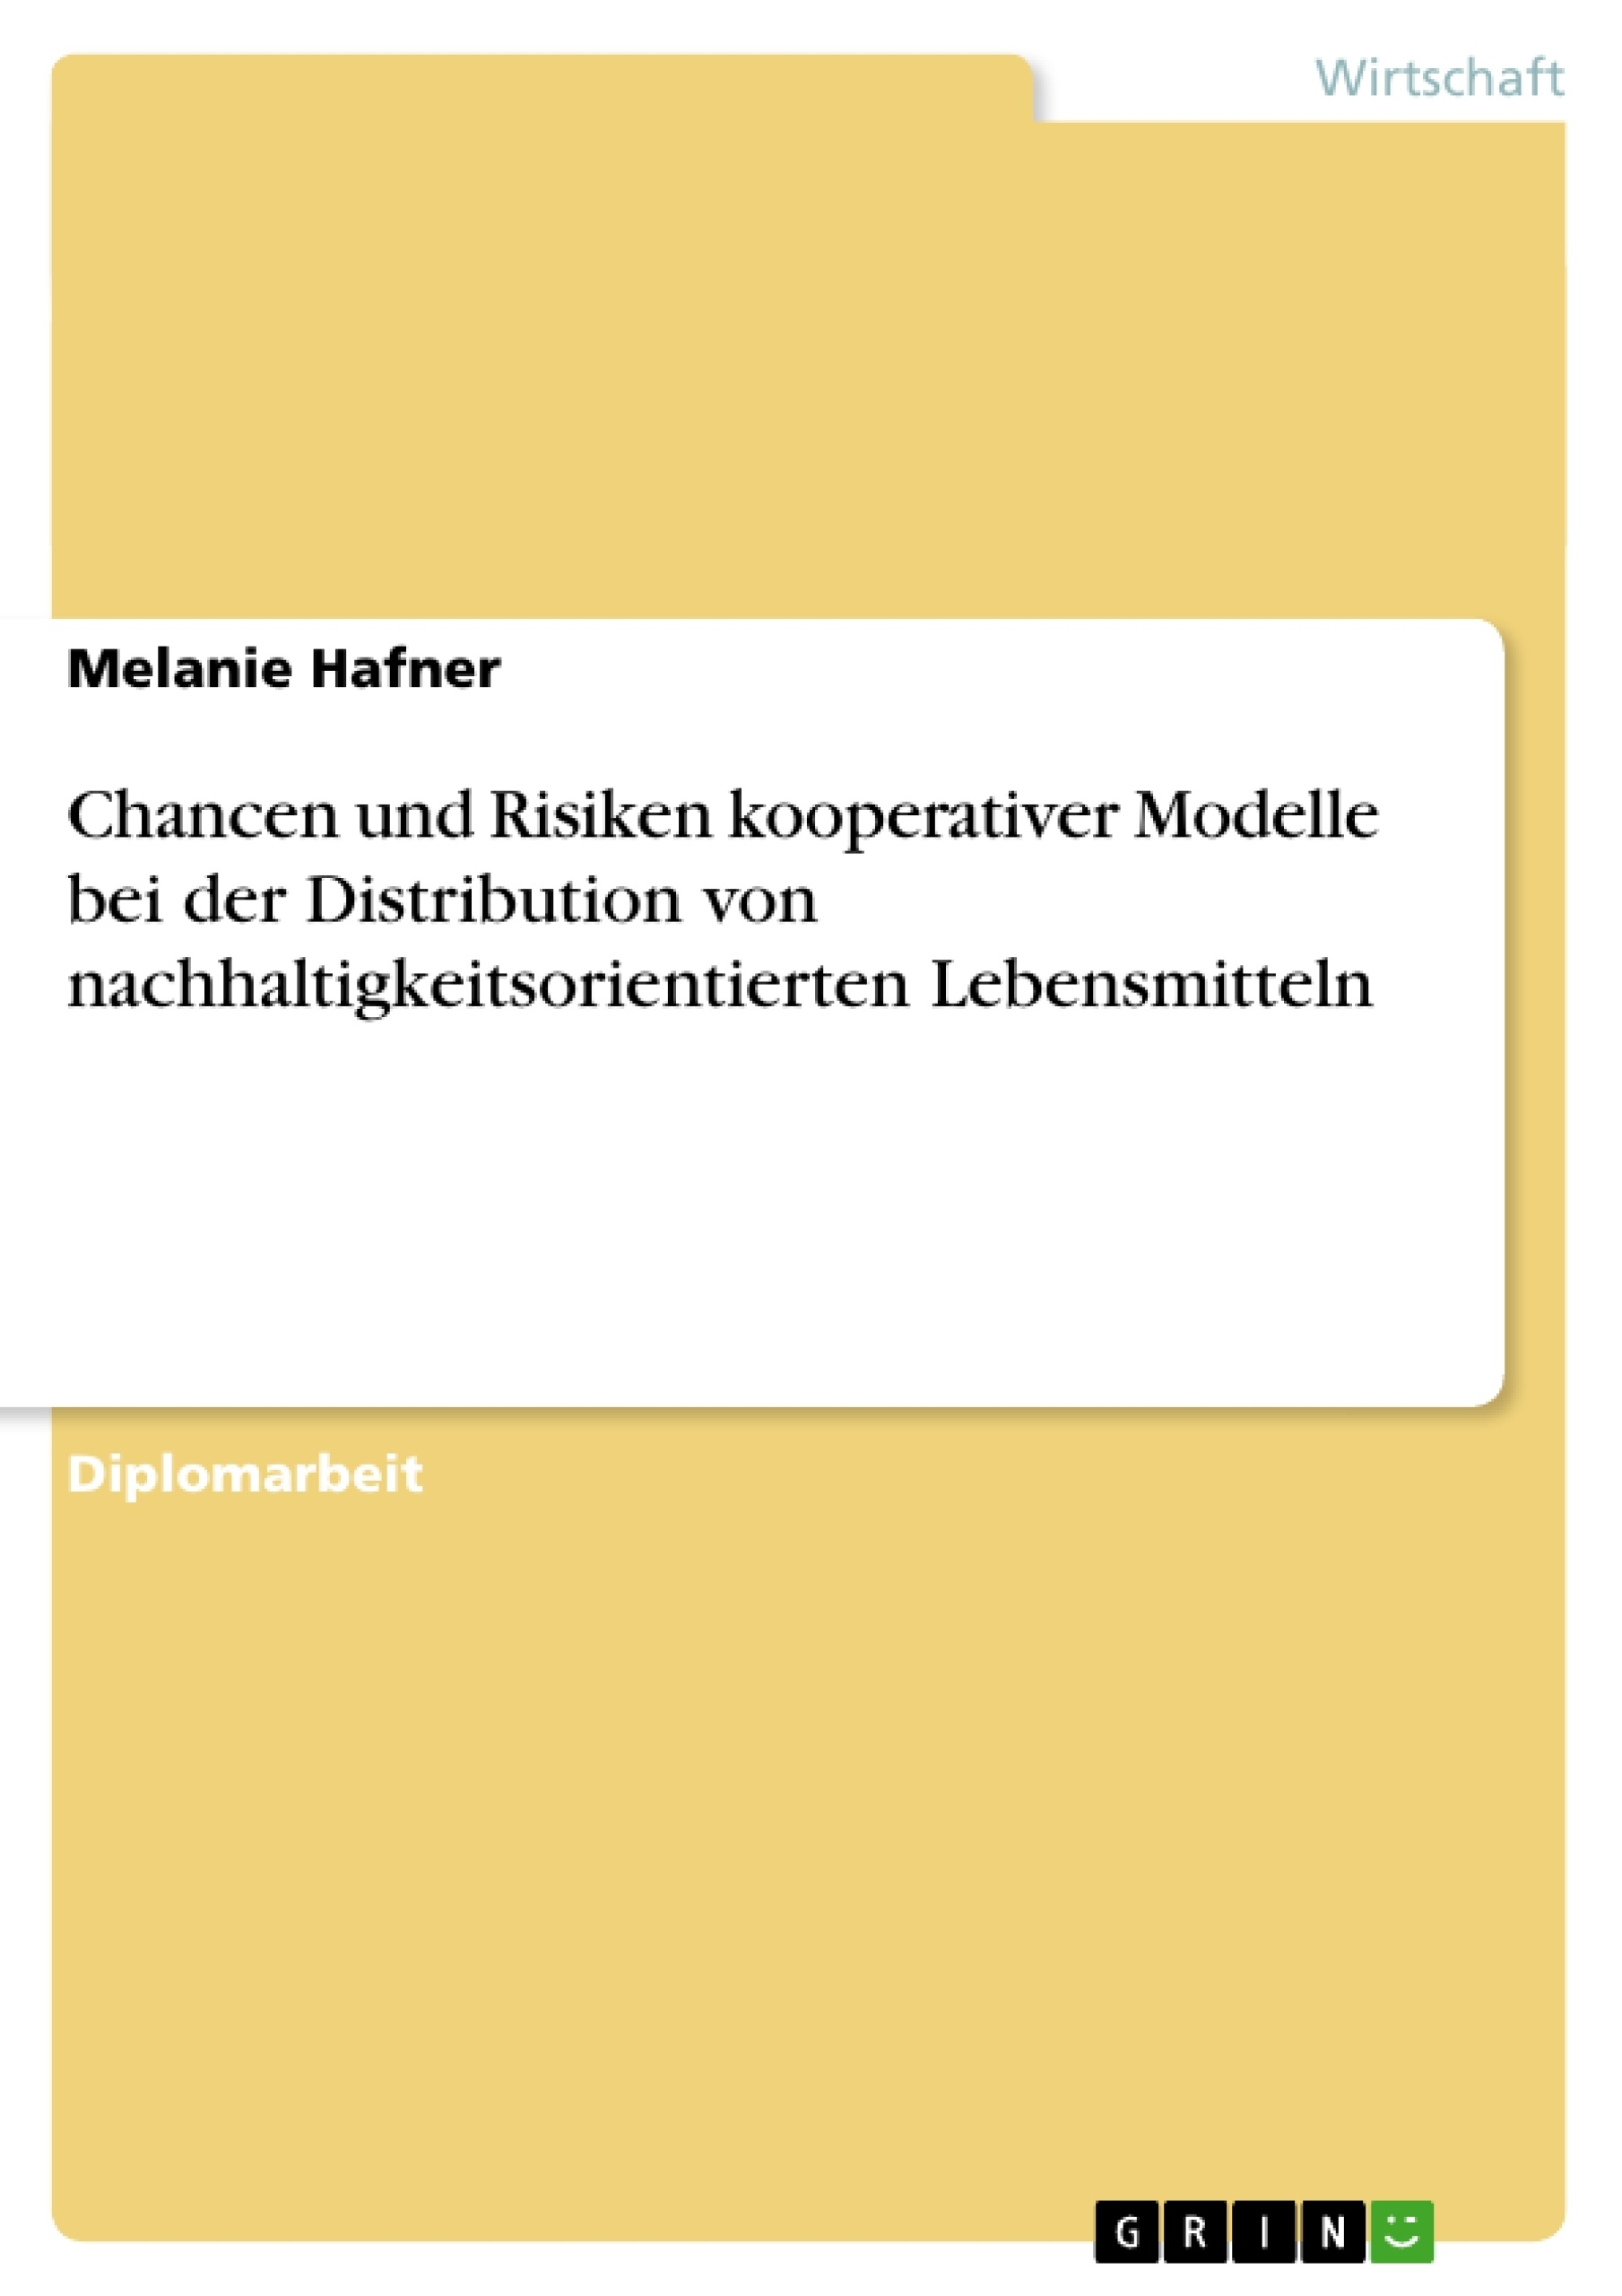 Titel: Chancen und Risiken kooperativer Modelle bei der Distribution von nachhaltigkeitsorientierten Lebensmitteln